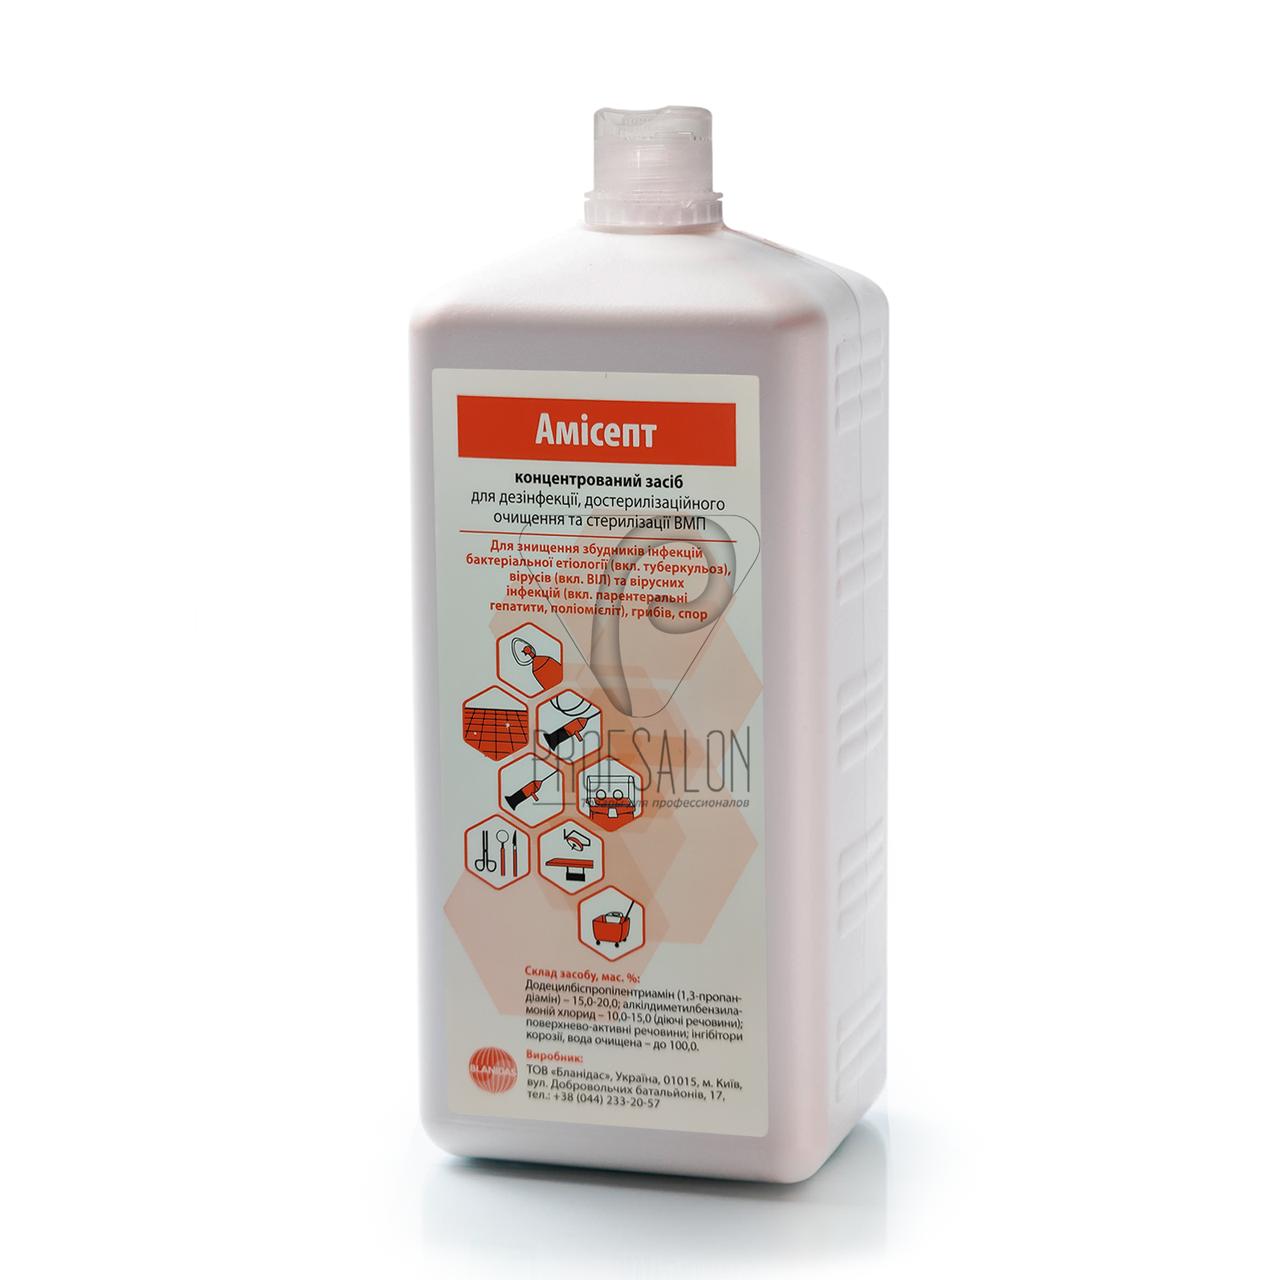 Амисепт 1л, дезинфицирующие средства для оборудования и поверхностей из особо чувствительных материалов